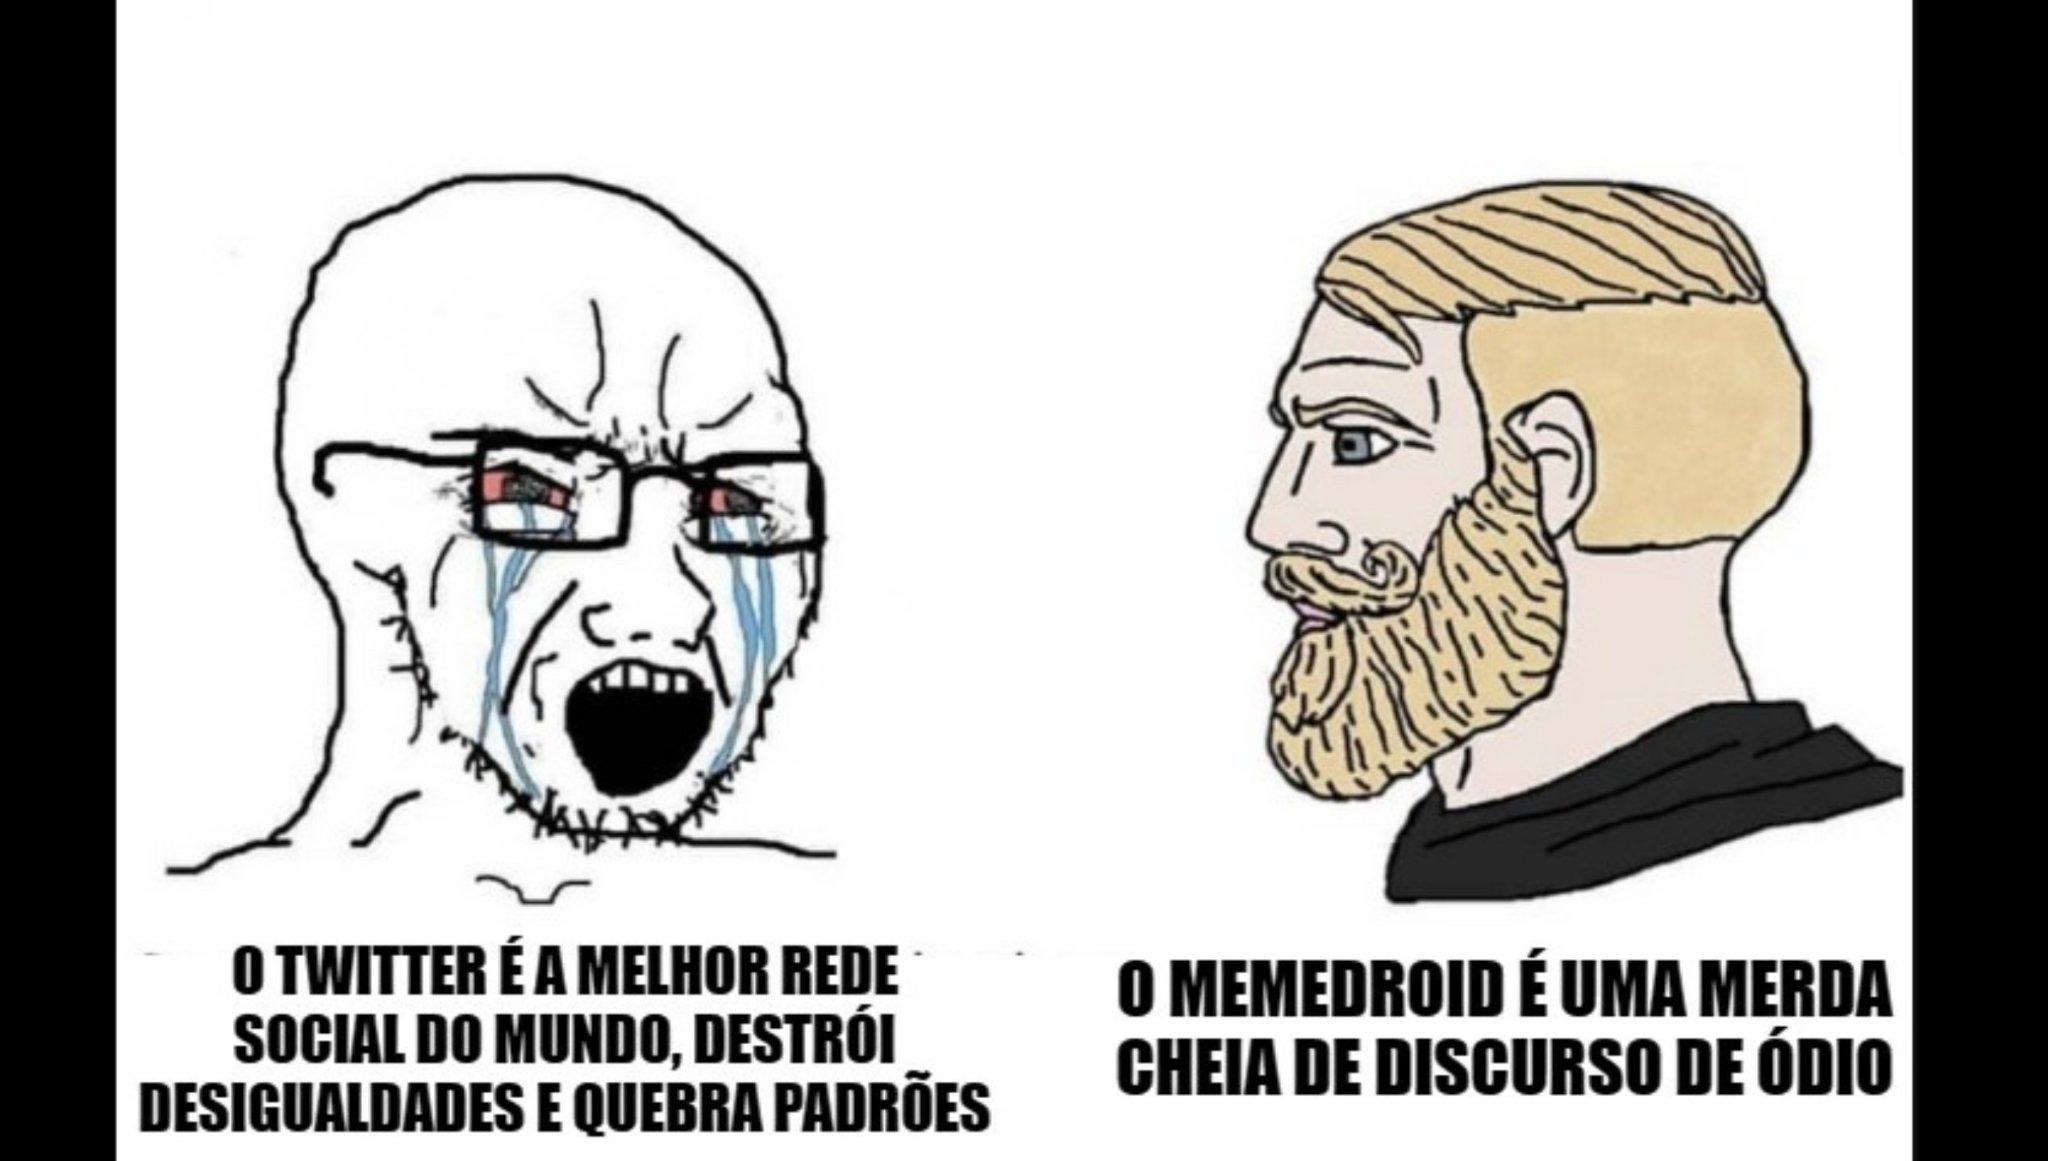 Menedroid - meme